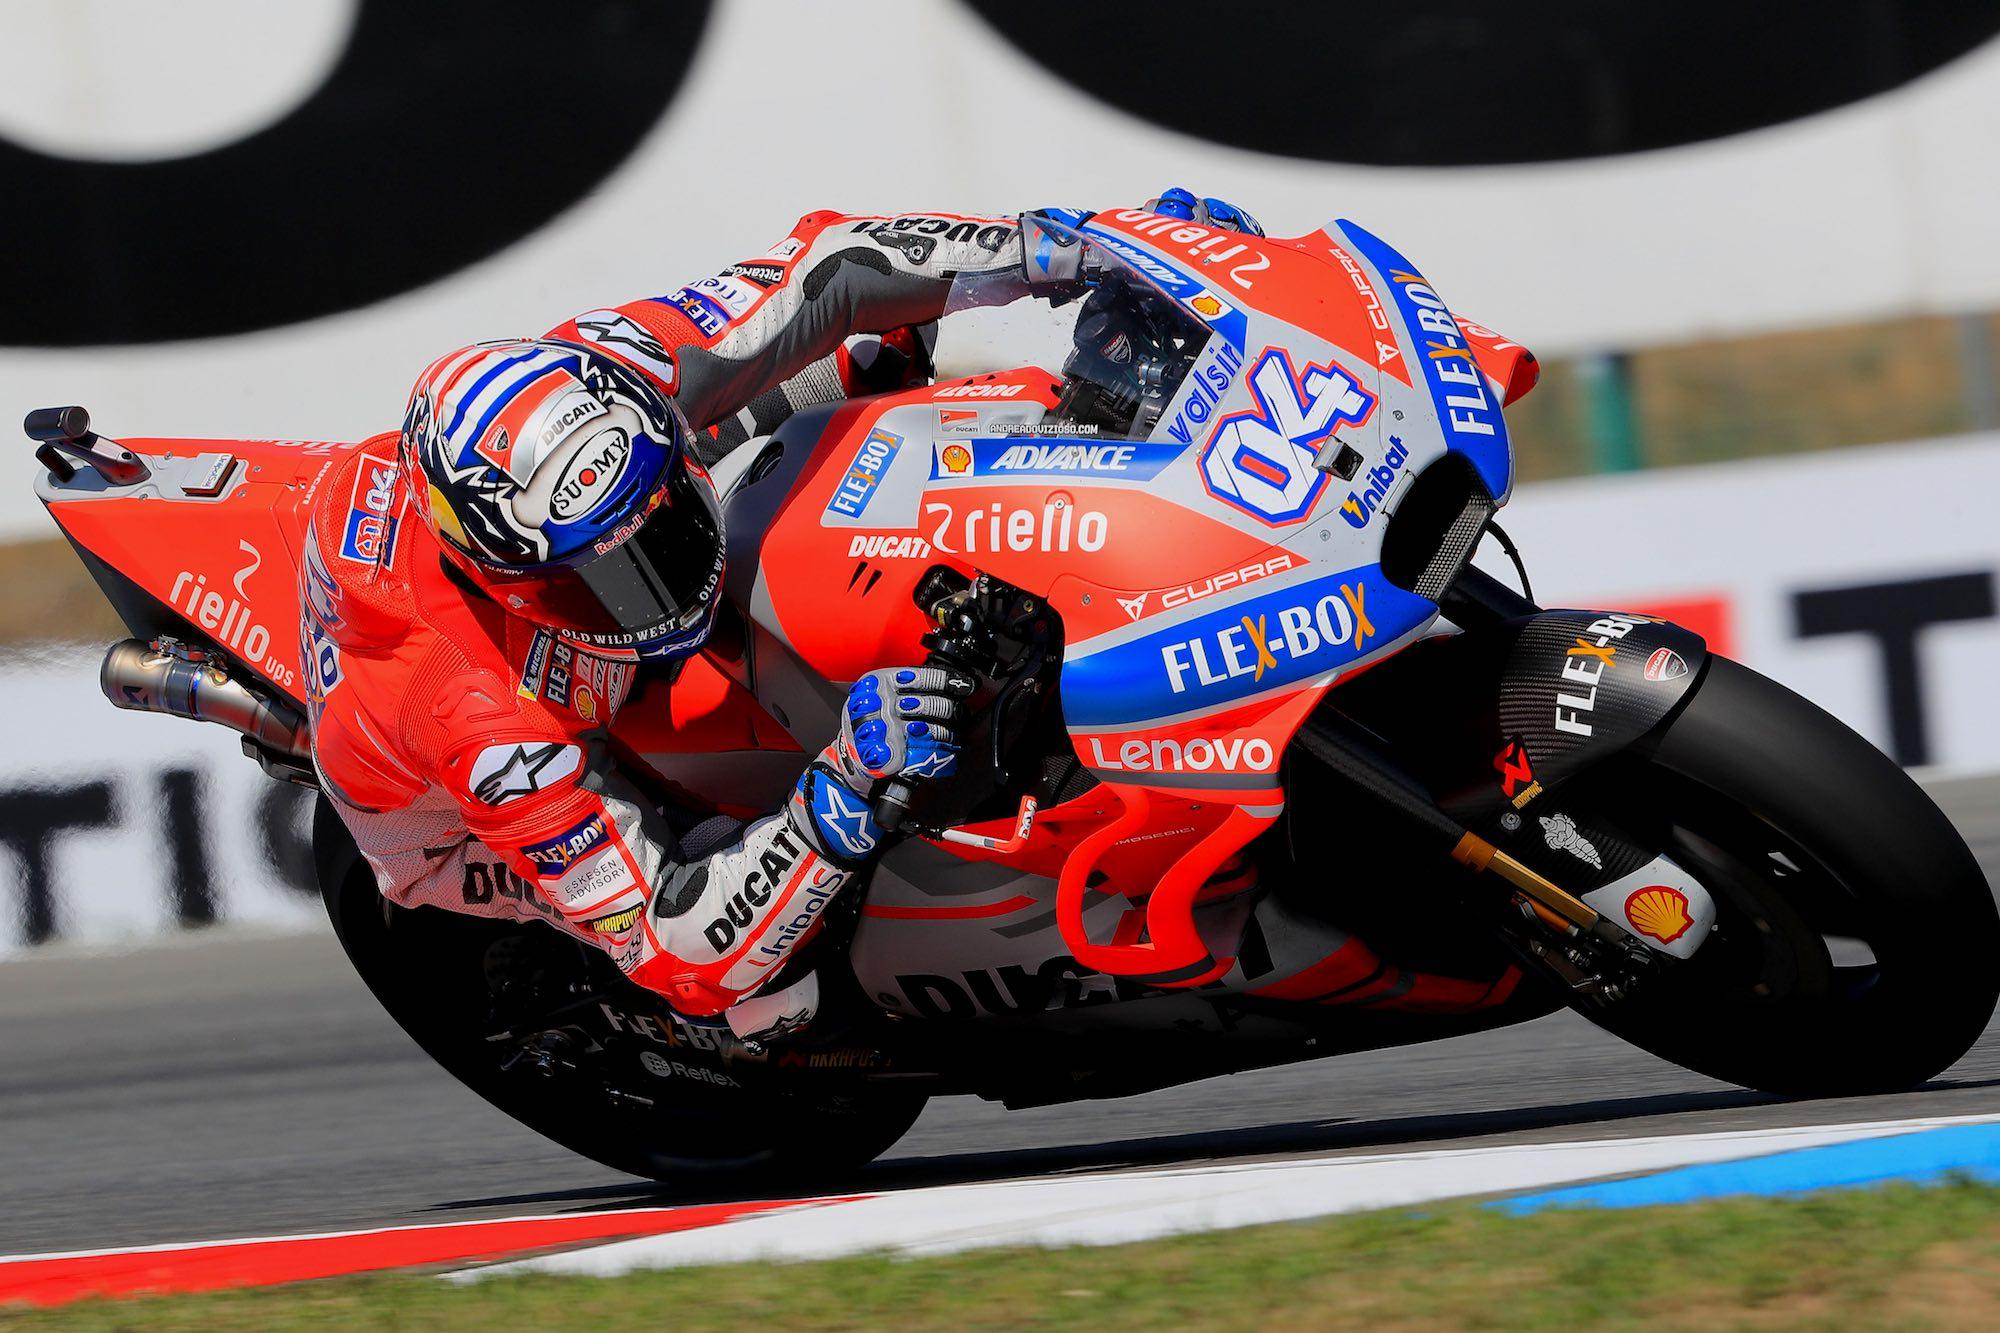 Andrea Dovizioso gana el pulso por la pole position en MotoGP